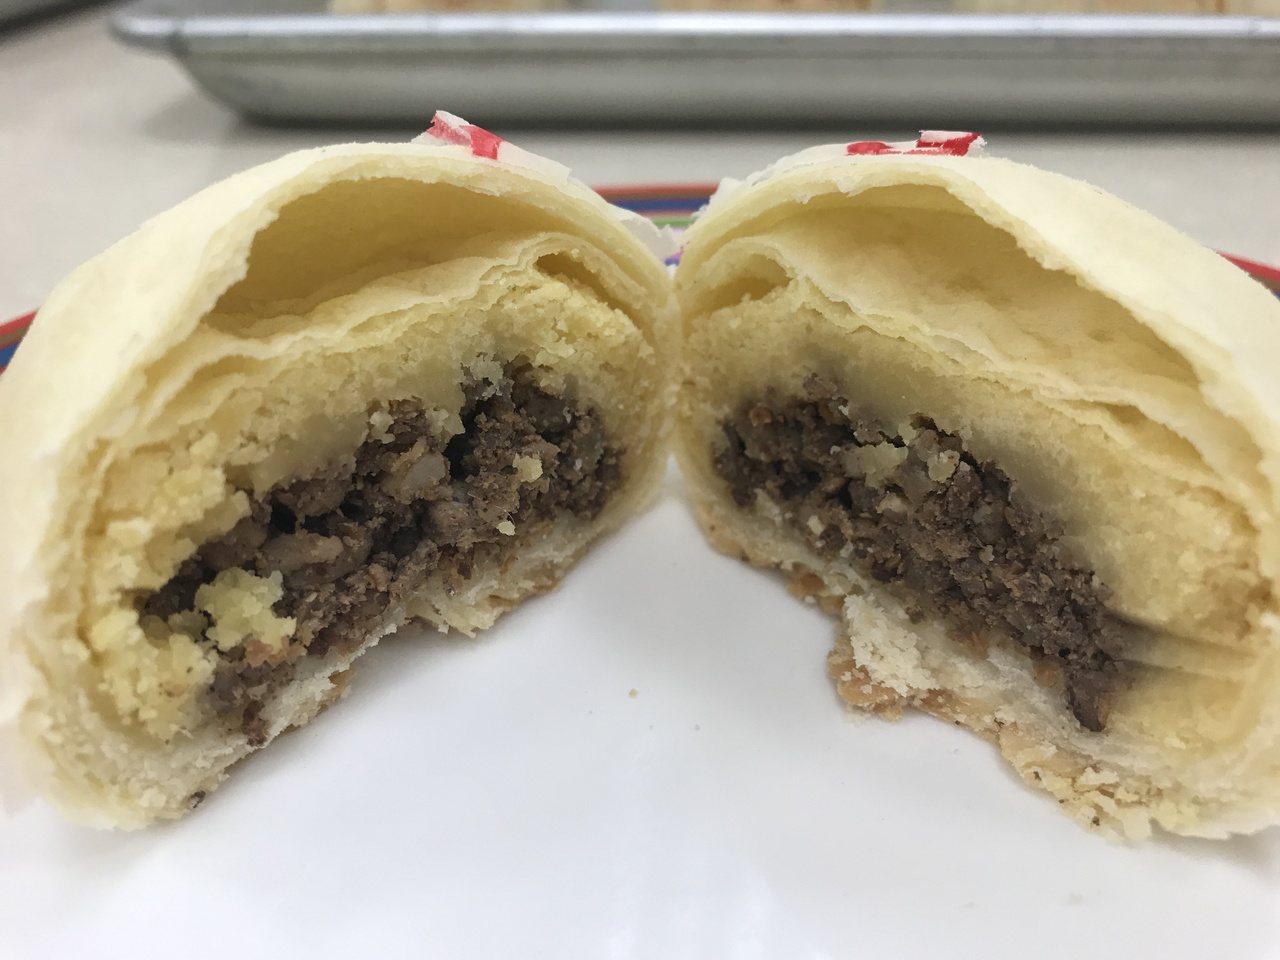 招牌綠豆凸是鹿港最傳統的糕點,但講究健康理念的鄭永豐認為高溫油炸食物不符合健康理...